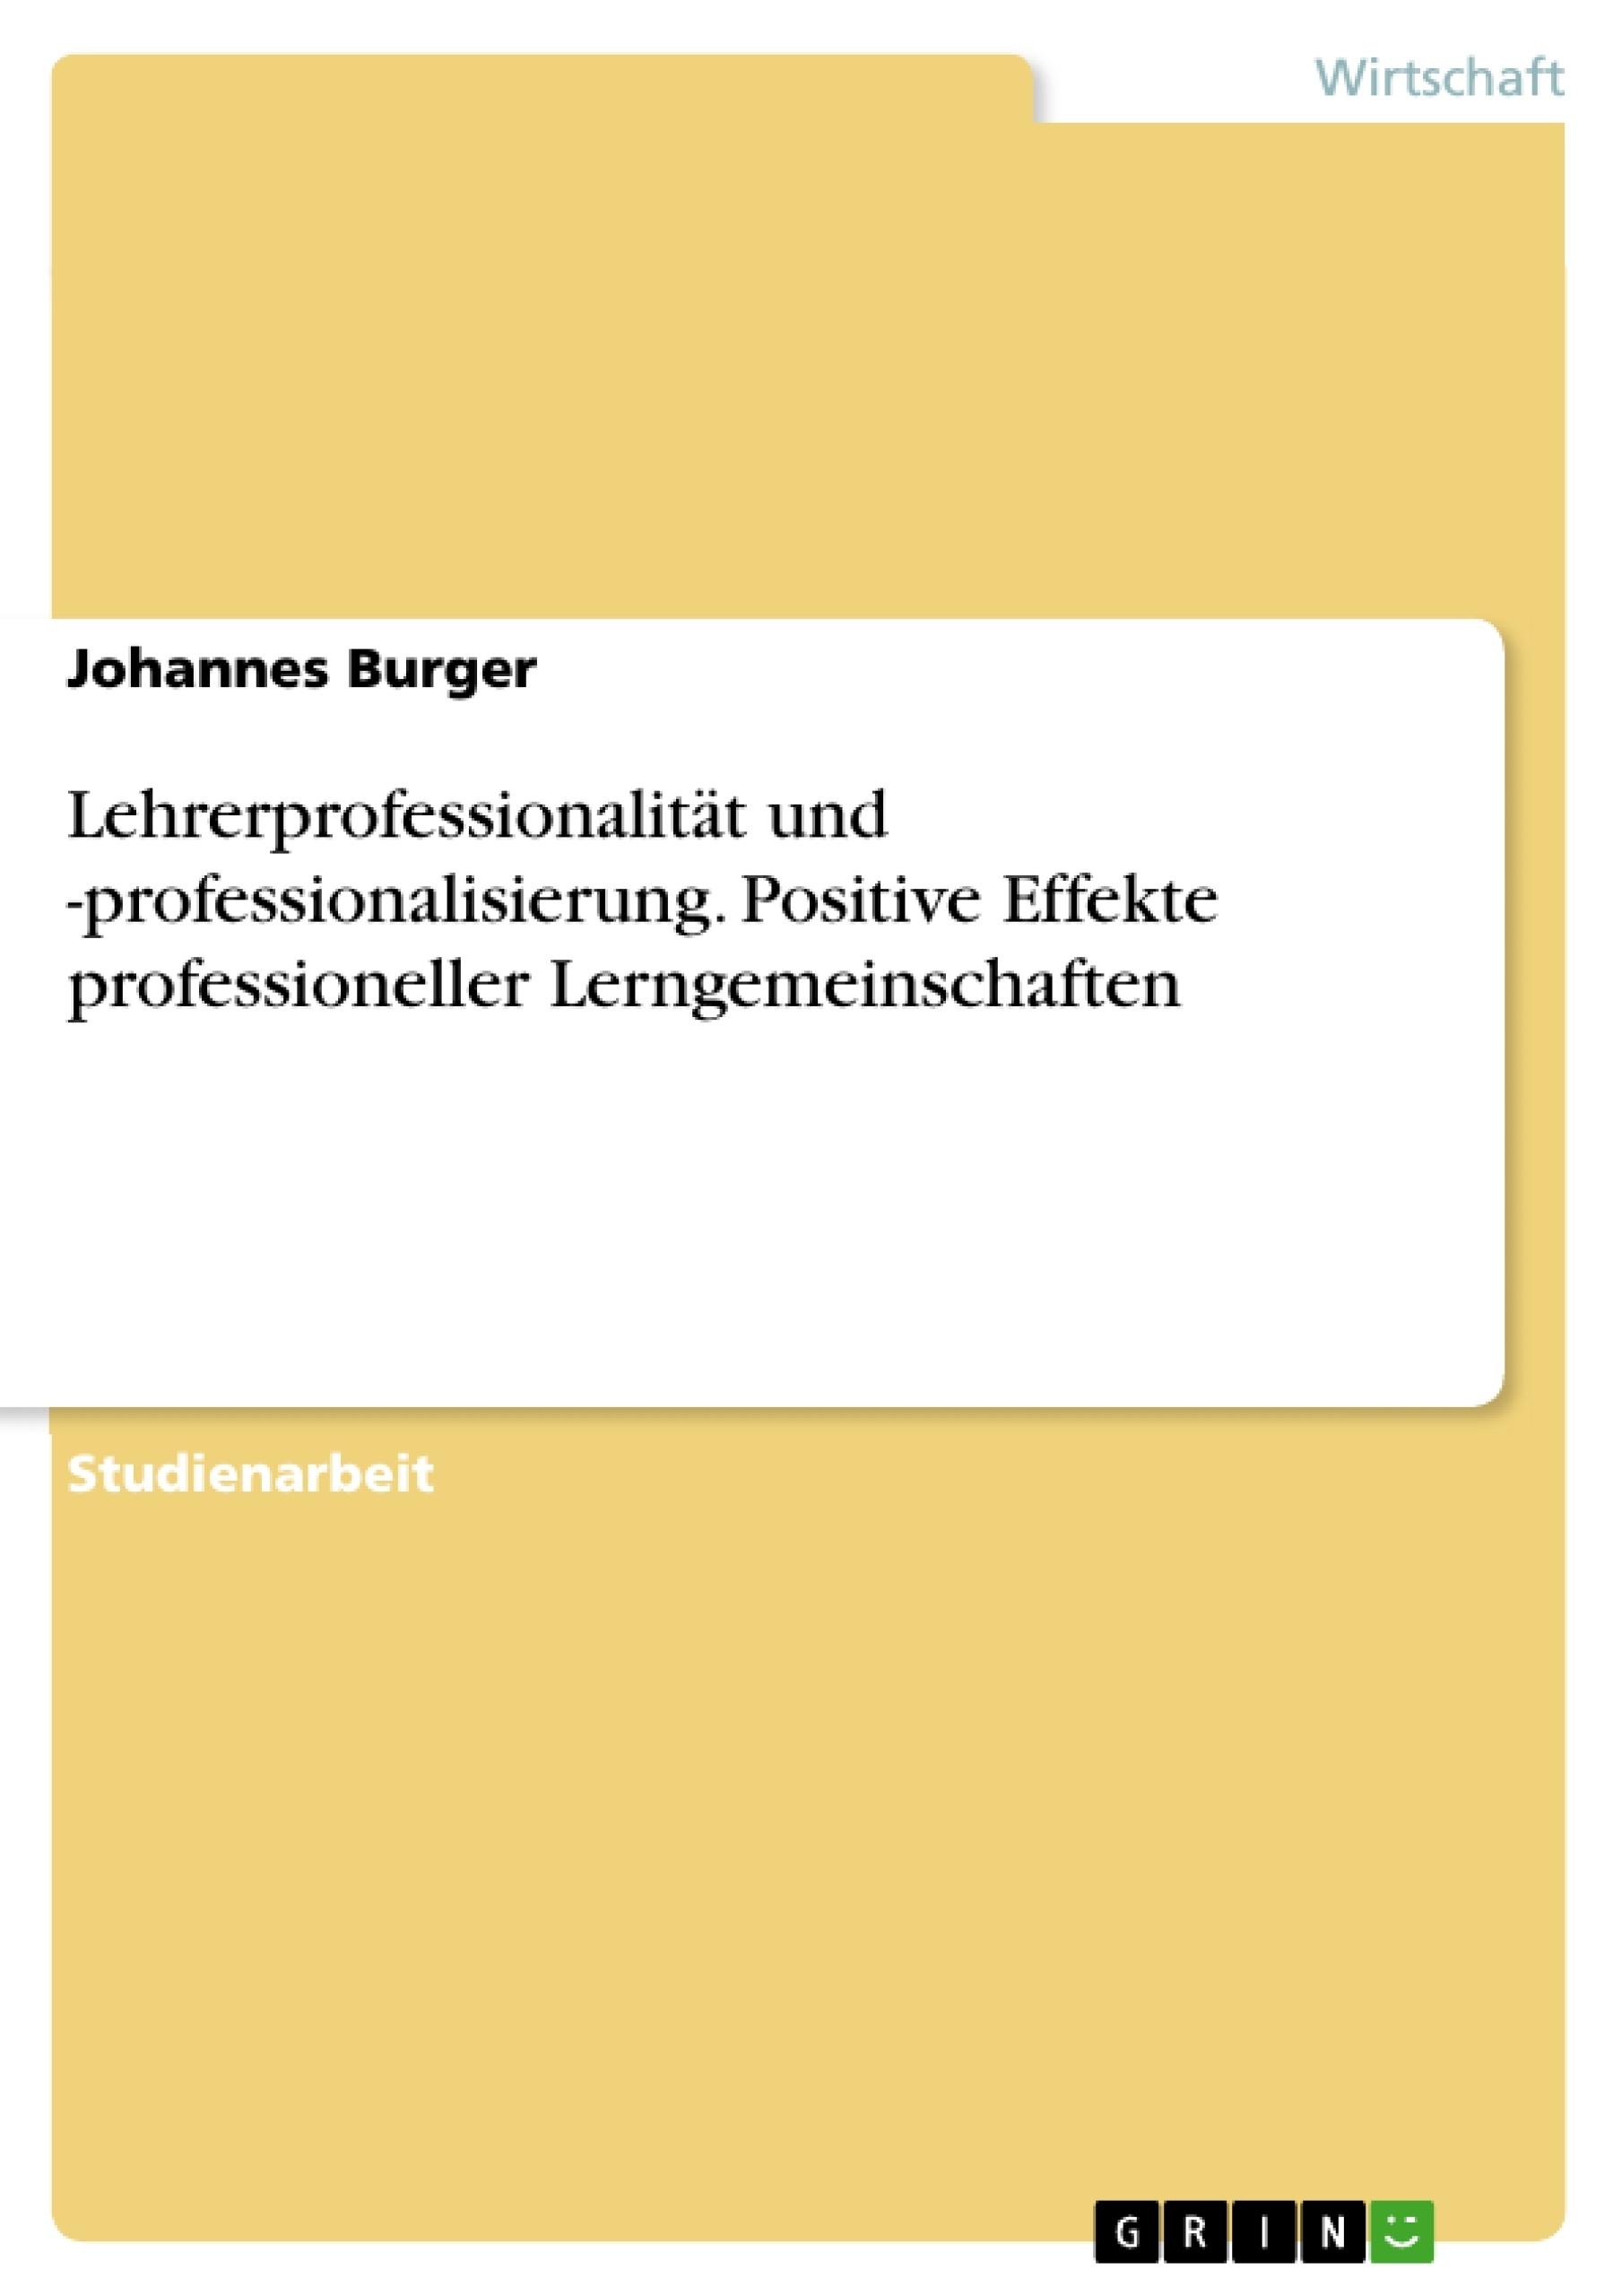 Titel: Lehrerprofessionalität und -professionalisierung. Positive Effekte professioneller Lerngemeinschaften